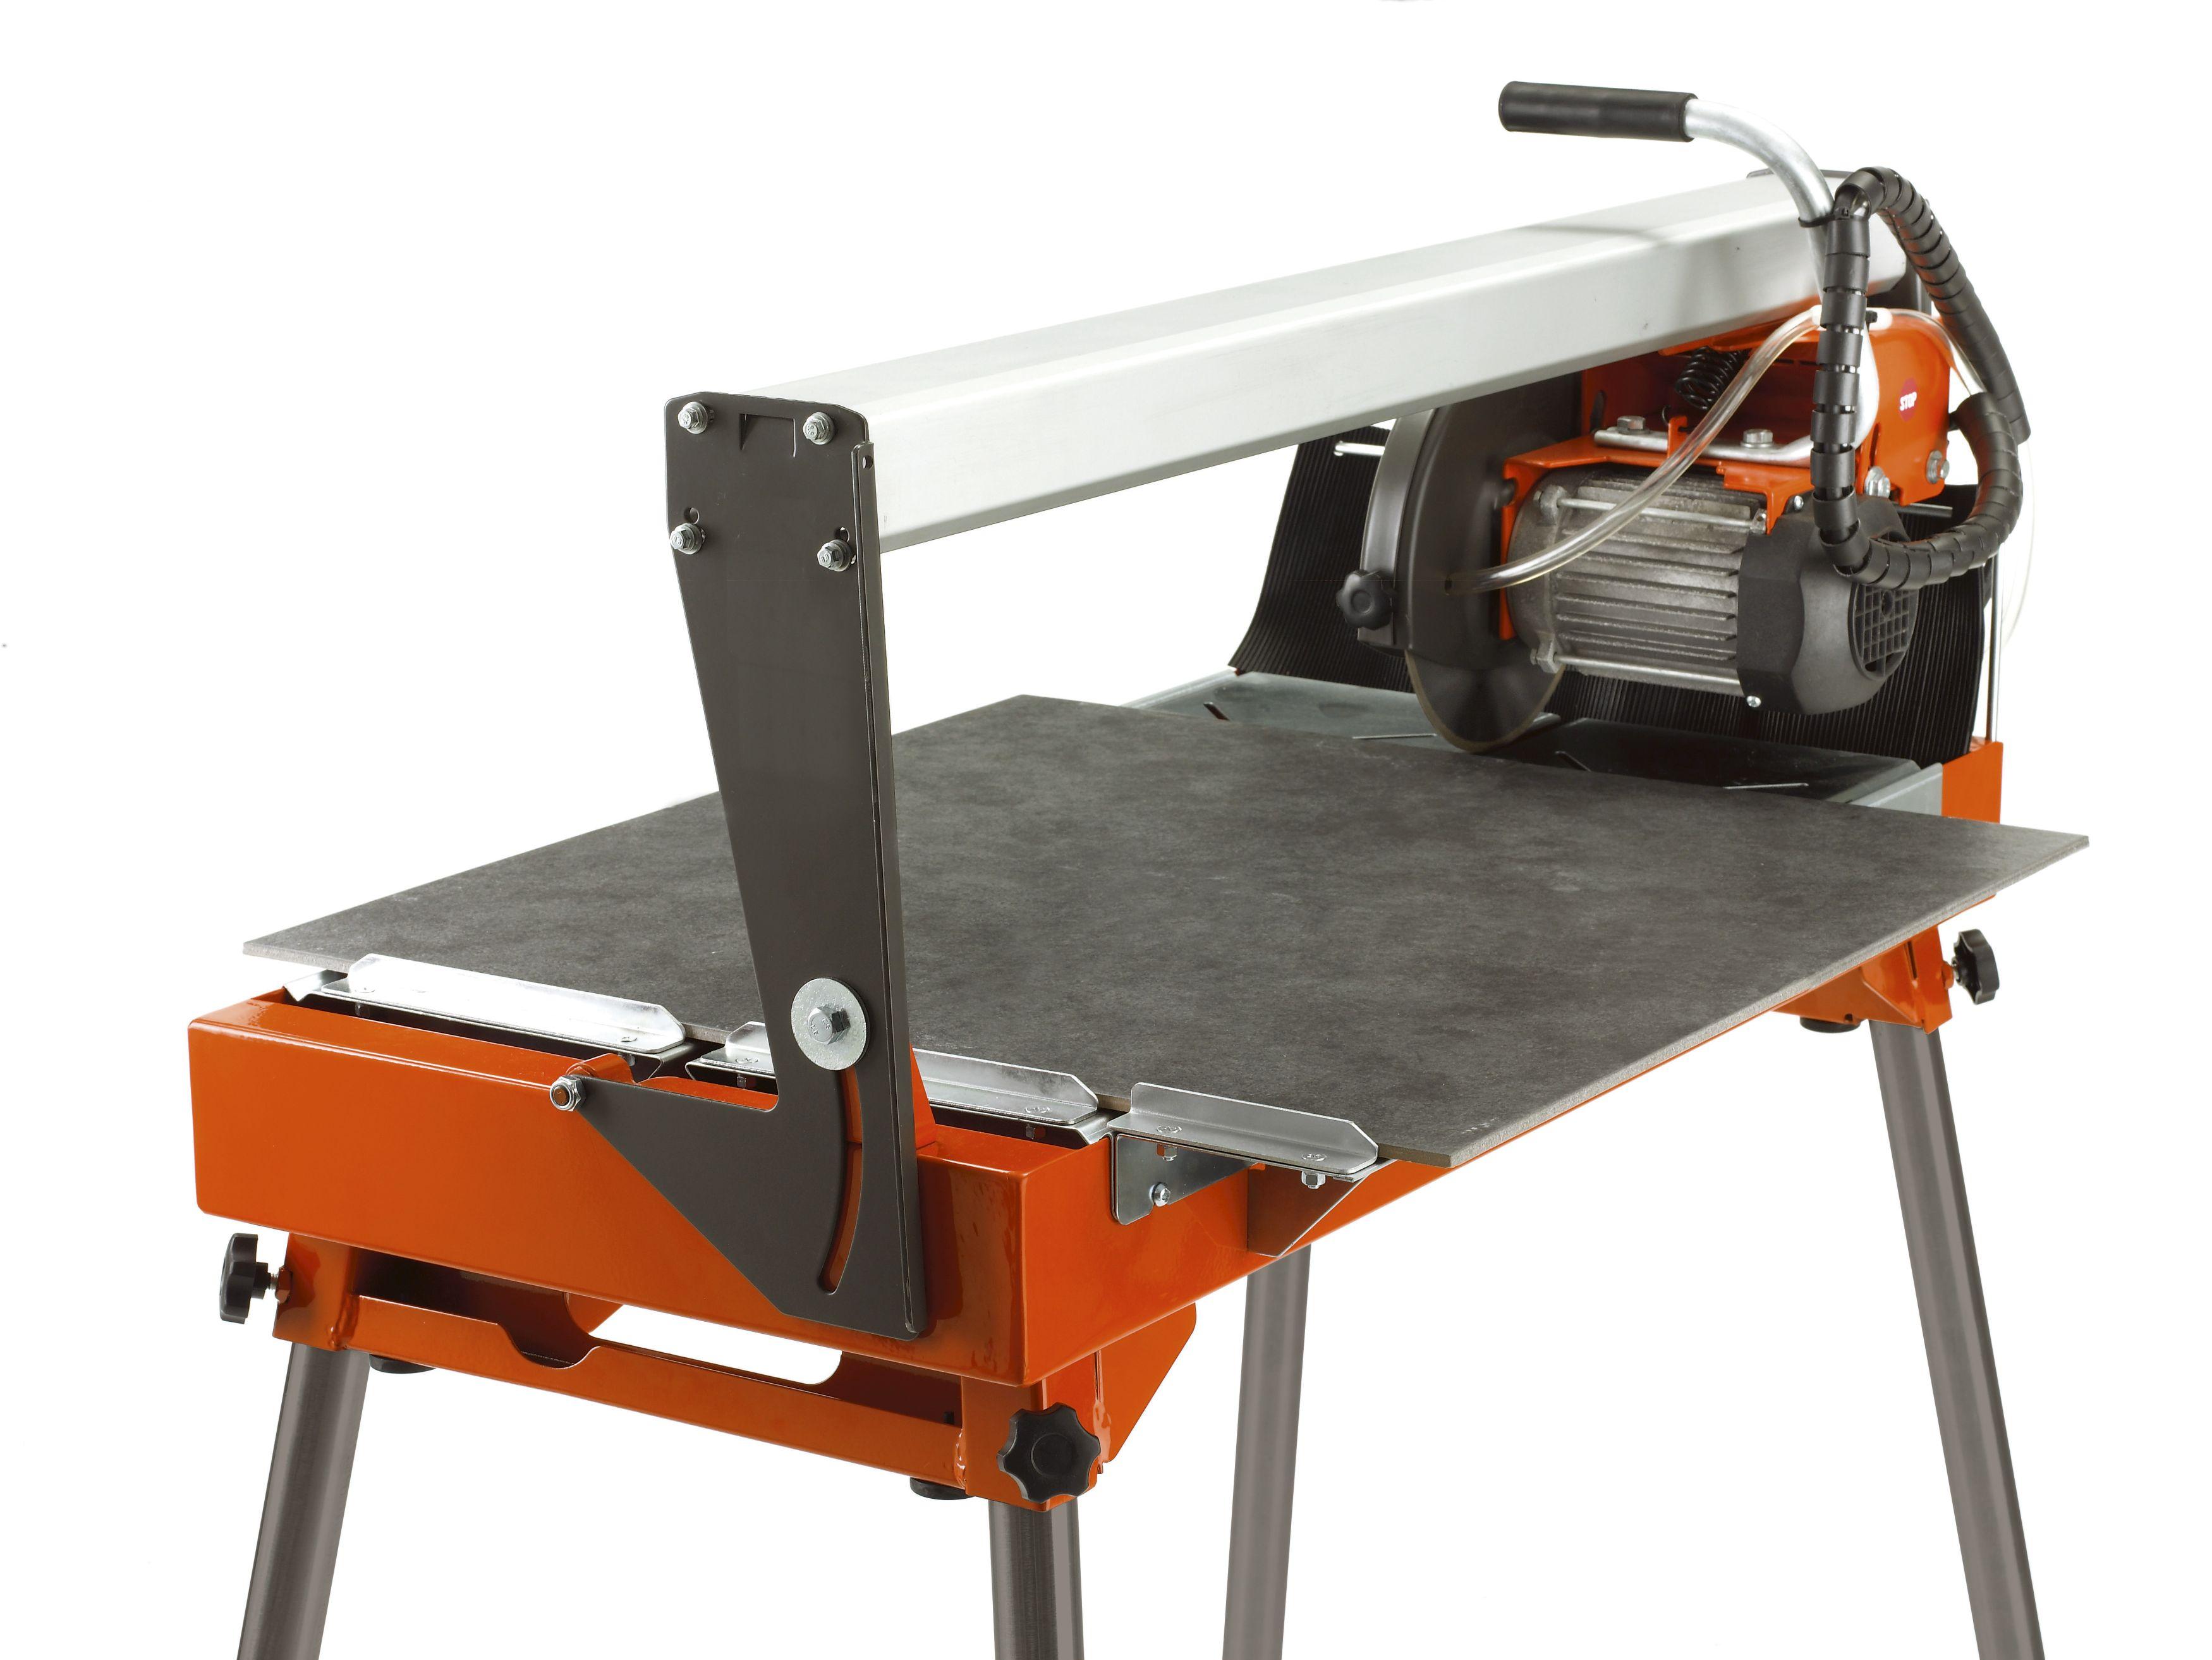 """Oranžs Husqvarna Flīžu zāģis, modelis """"TS 66 R'', skats no aizmugures ar izvirzītu kreiso pusi"""